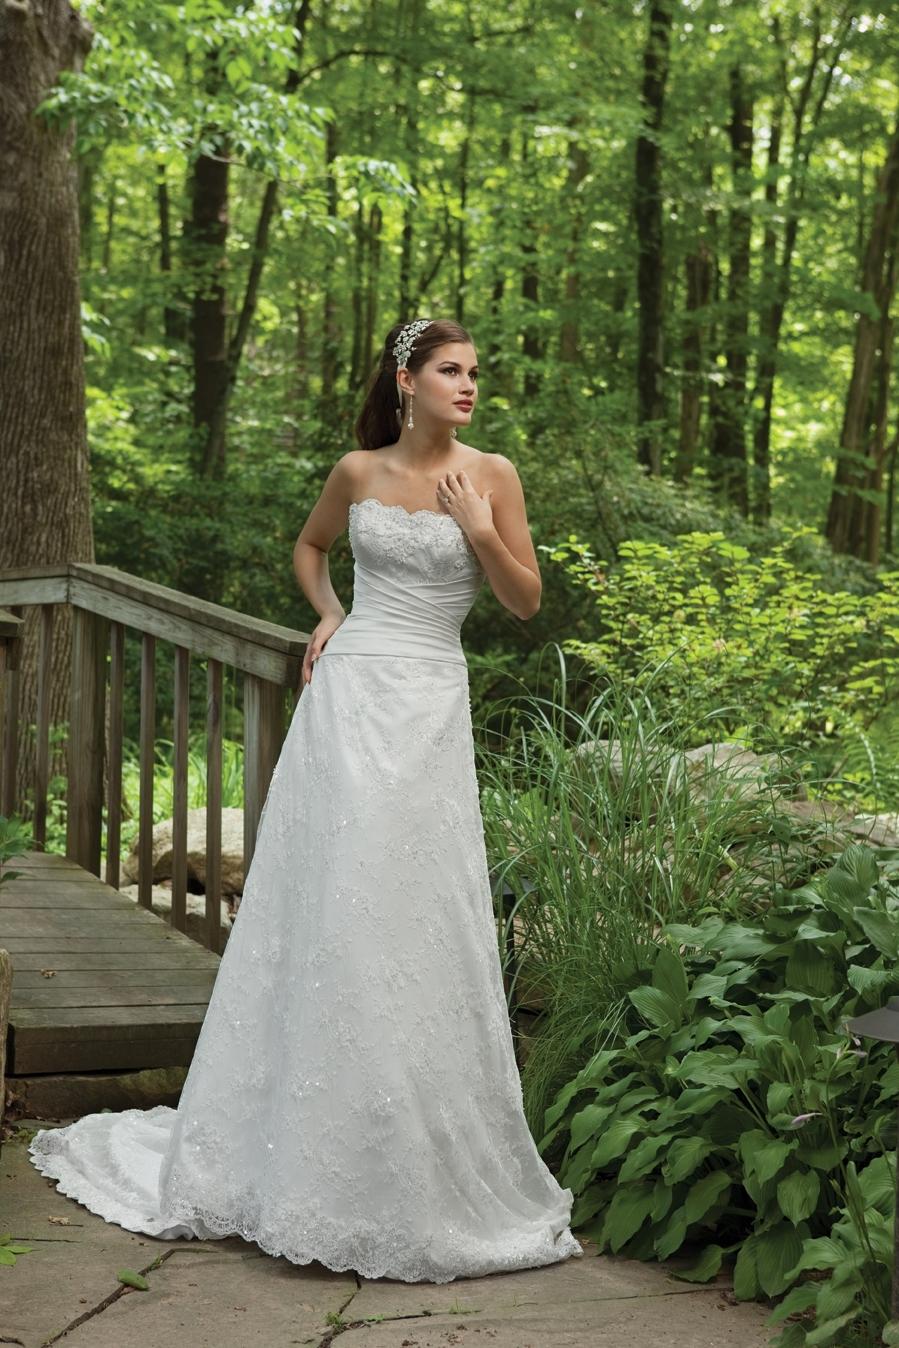 I231107-2011-wedding-dress-kathy-ireland-2bebride-front.full